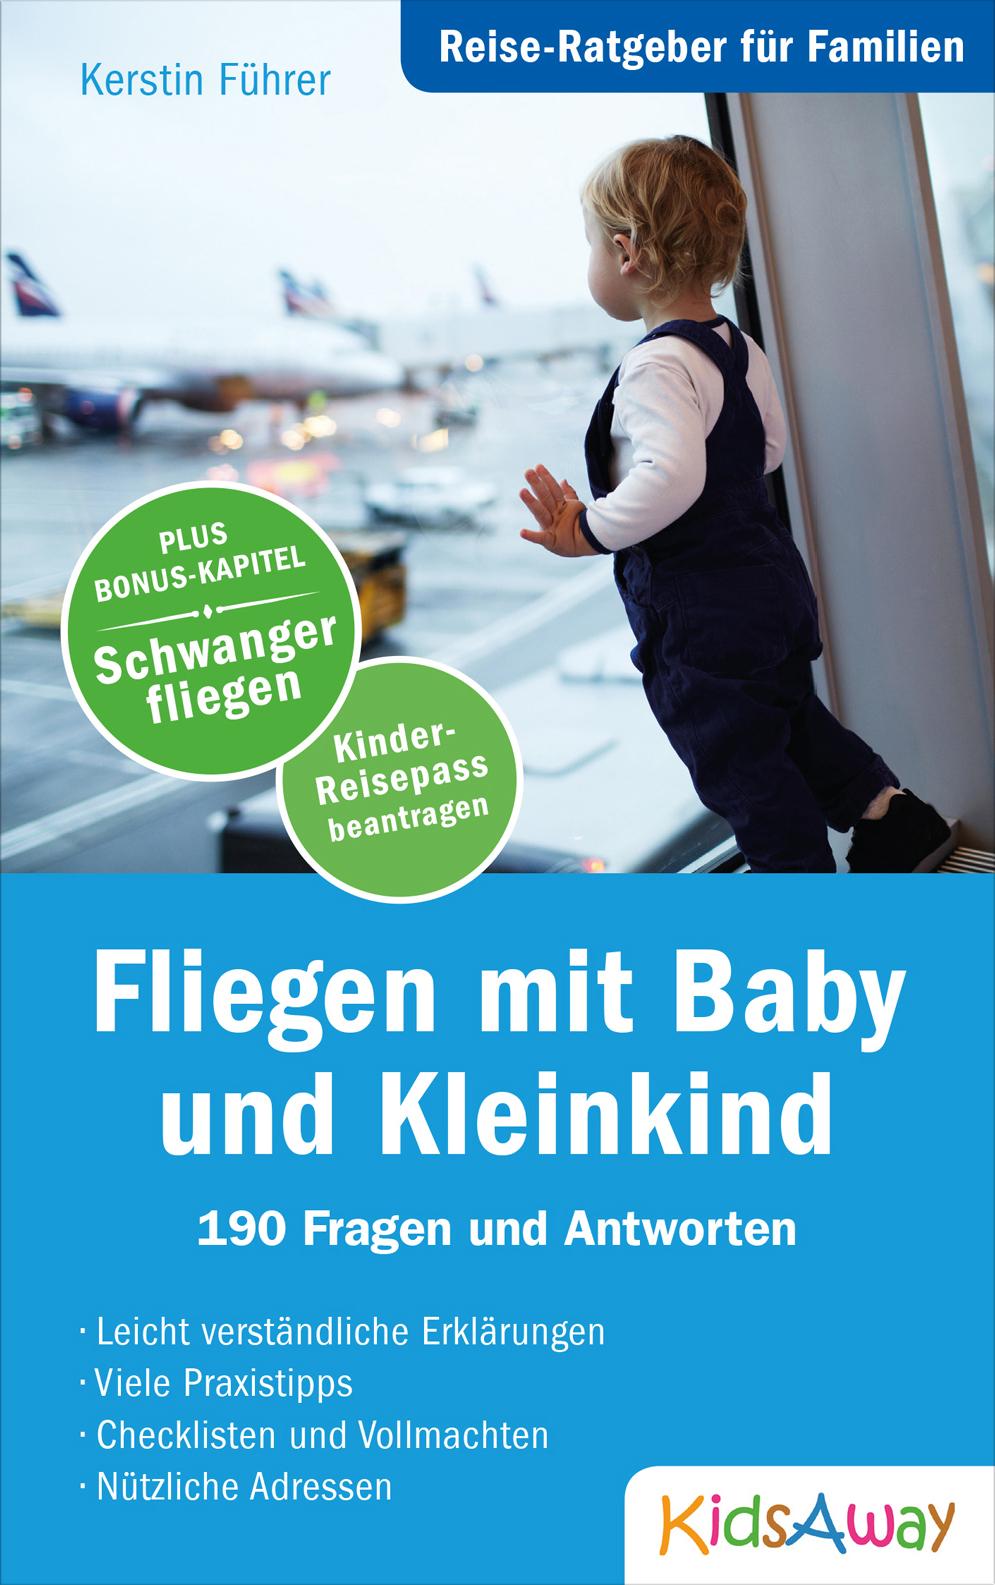 Reise-Ratgeber für Familien: Fliegen mit Baby und Kleinkind – 190 Fragen und Antworten [Neuerscheinung]